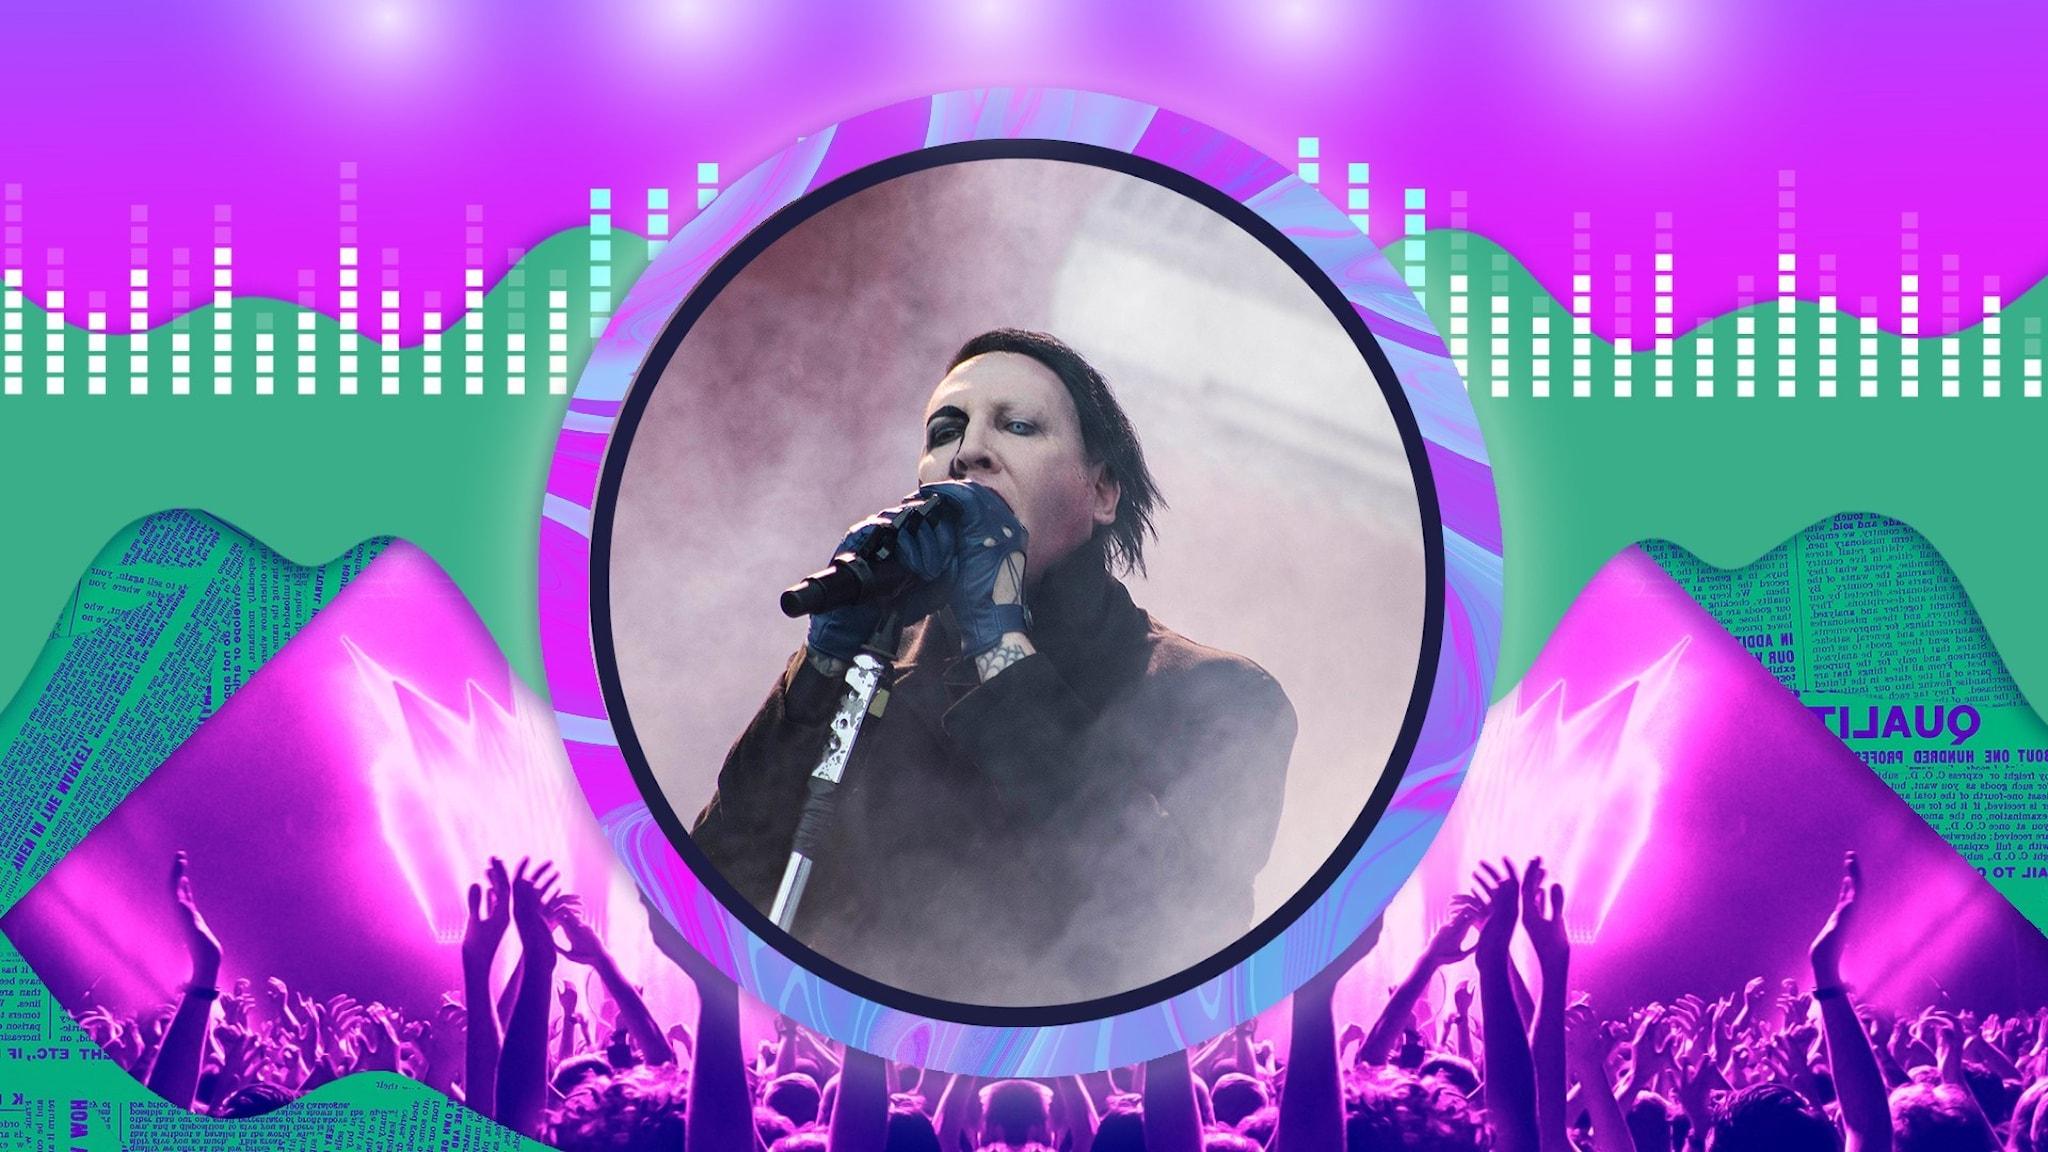 P3 Musikdokumentär om Marilyn Manson